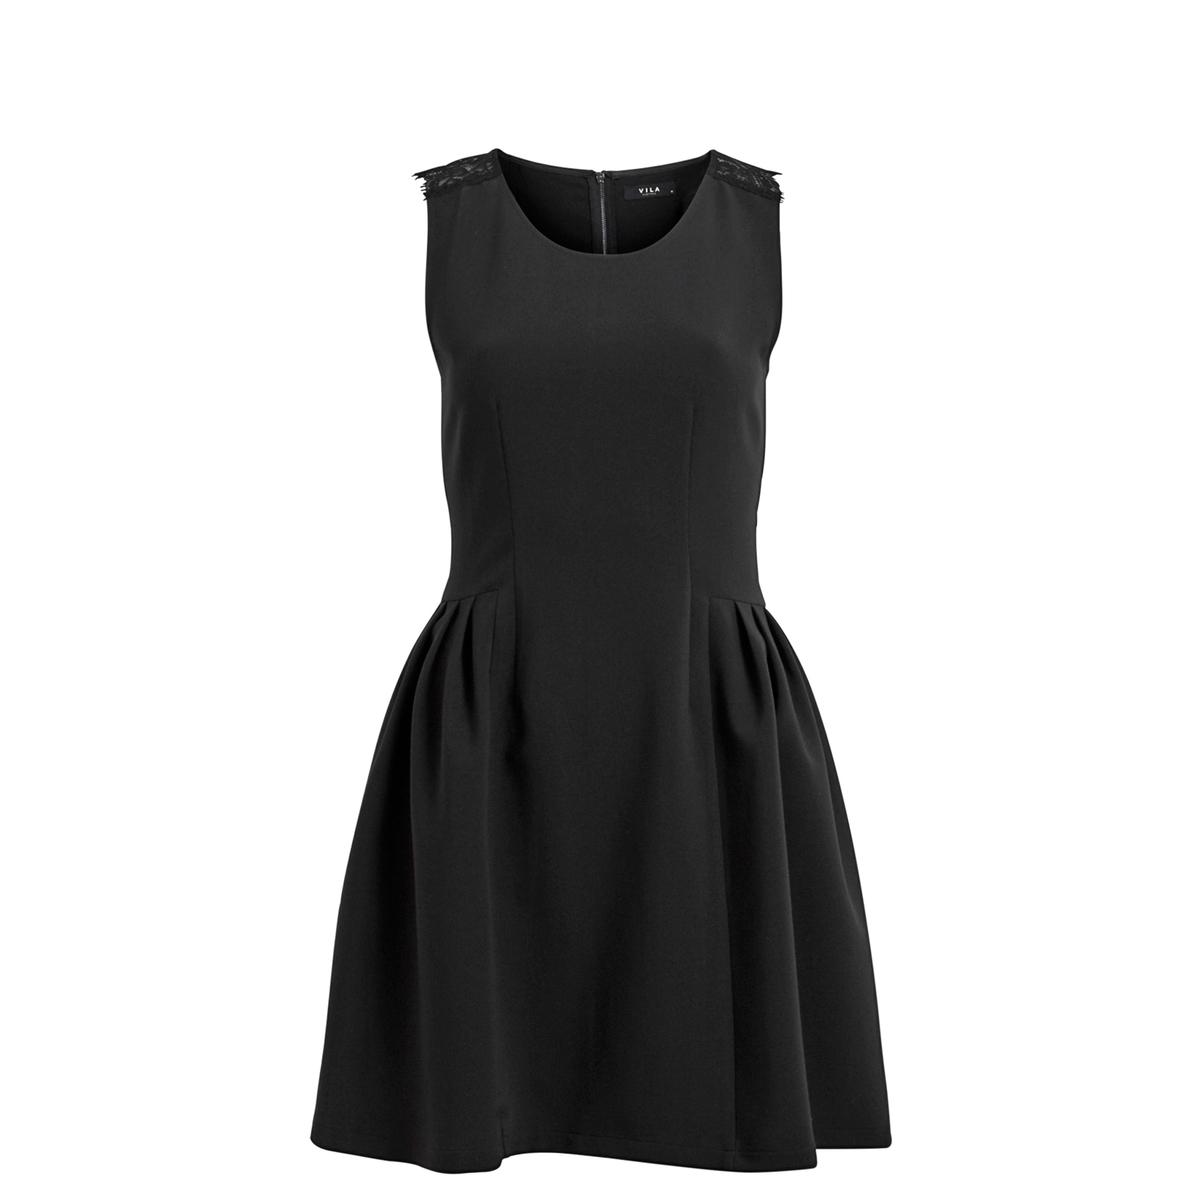 Платье без рукавов из кружева VIALVINA DRESSСостав и описаниеМарка : VILAМатериал : 77% полиэстера, 18% вискозы, 5% эластана<br><br>Цвет: черный<br>Размер: L